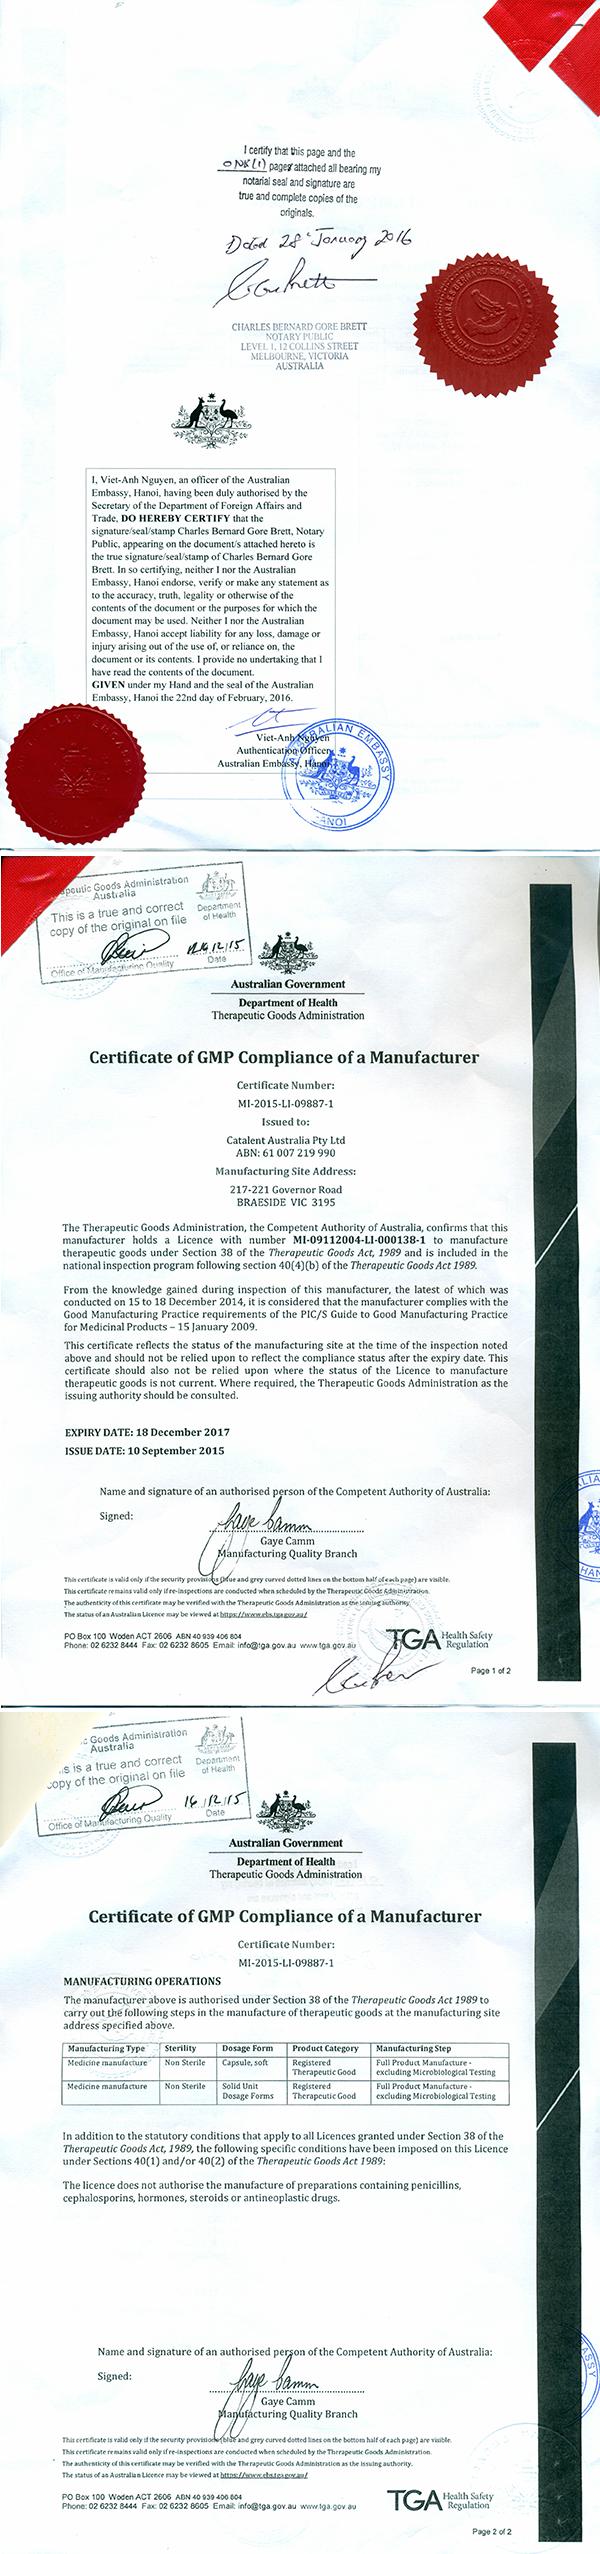 Chứng nhận tiêu chuẩn GMP của nhà máy sản xuất thuốc Procare 1